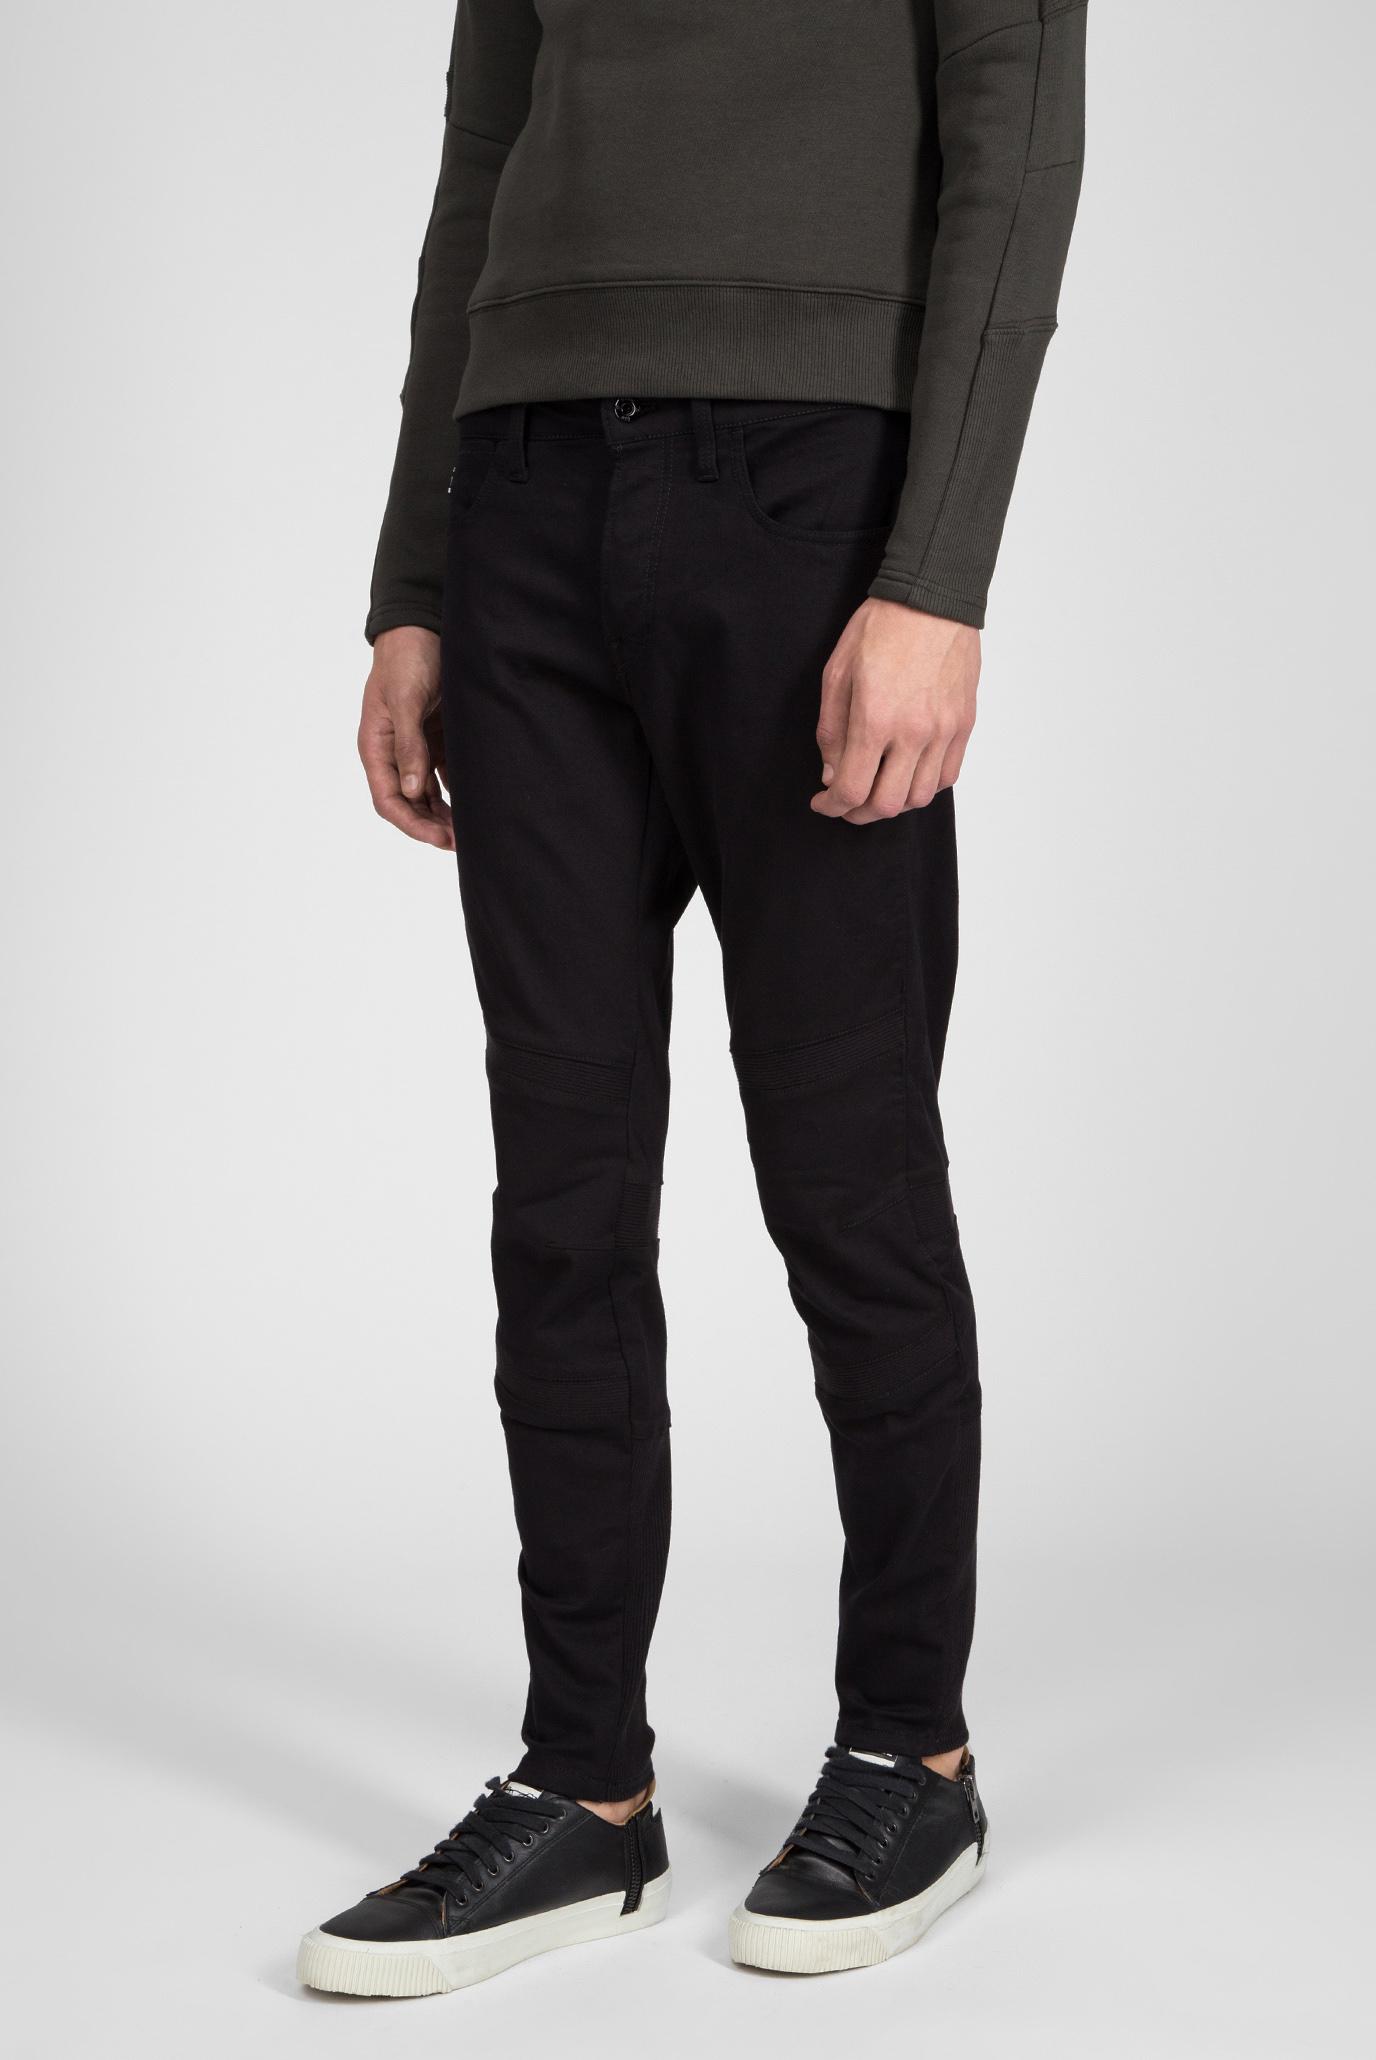 Купить Мужские черные джинсы Motac Sec 3D Slim G-Star RAW G-Star RAW D11447,8970 – Киев, Украина. Цены в интернет магазине MD Fashion